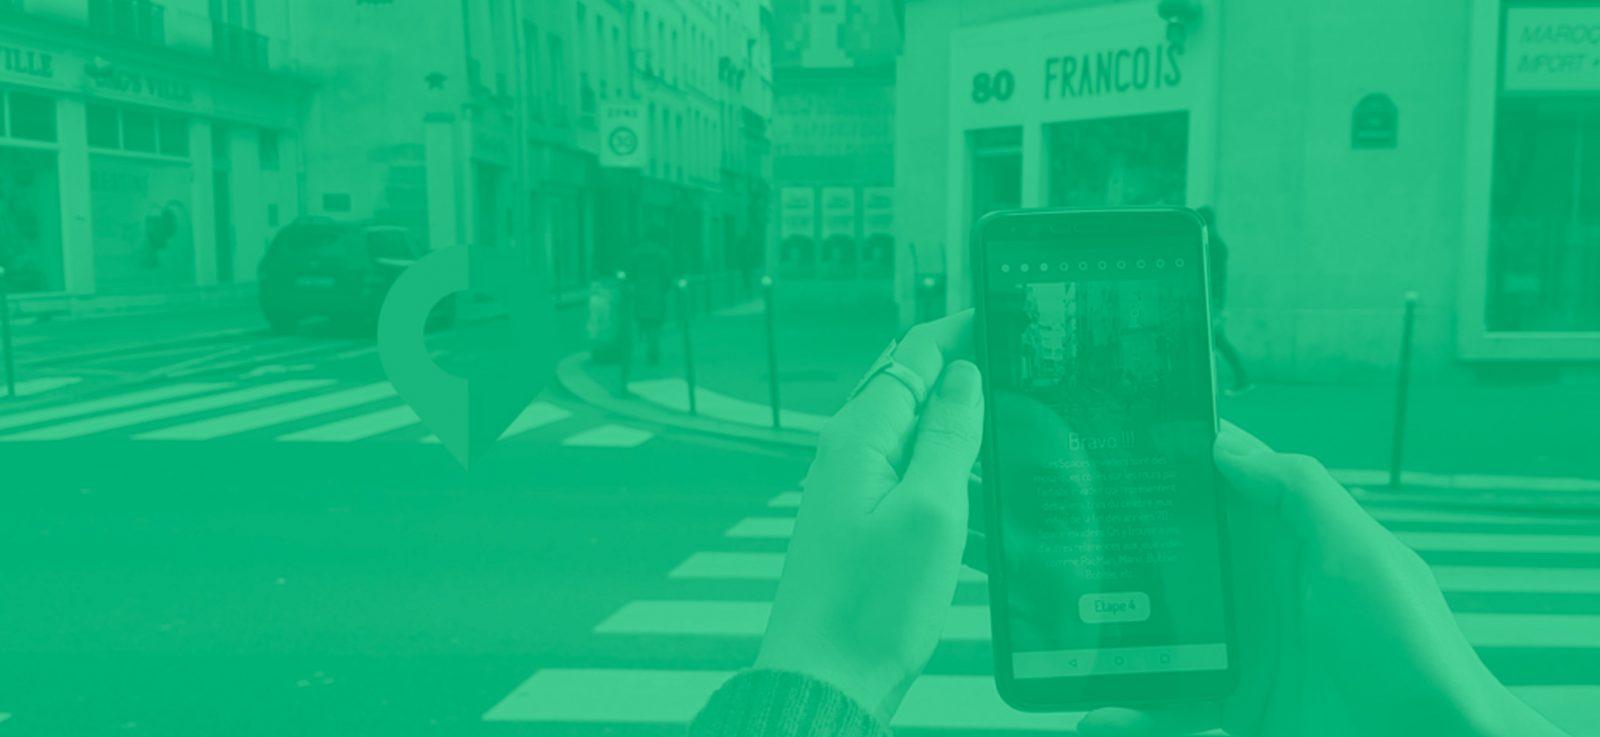 Webinar Pandasuite sur l'utilisation du GPS et du capteur Beacon